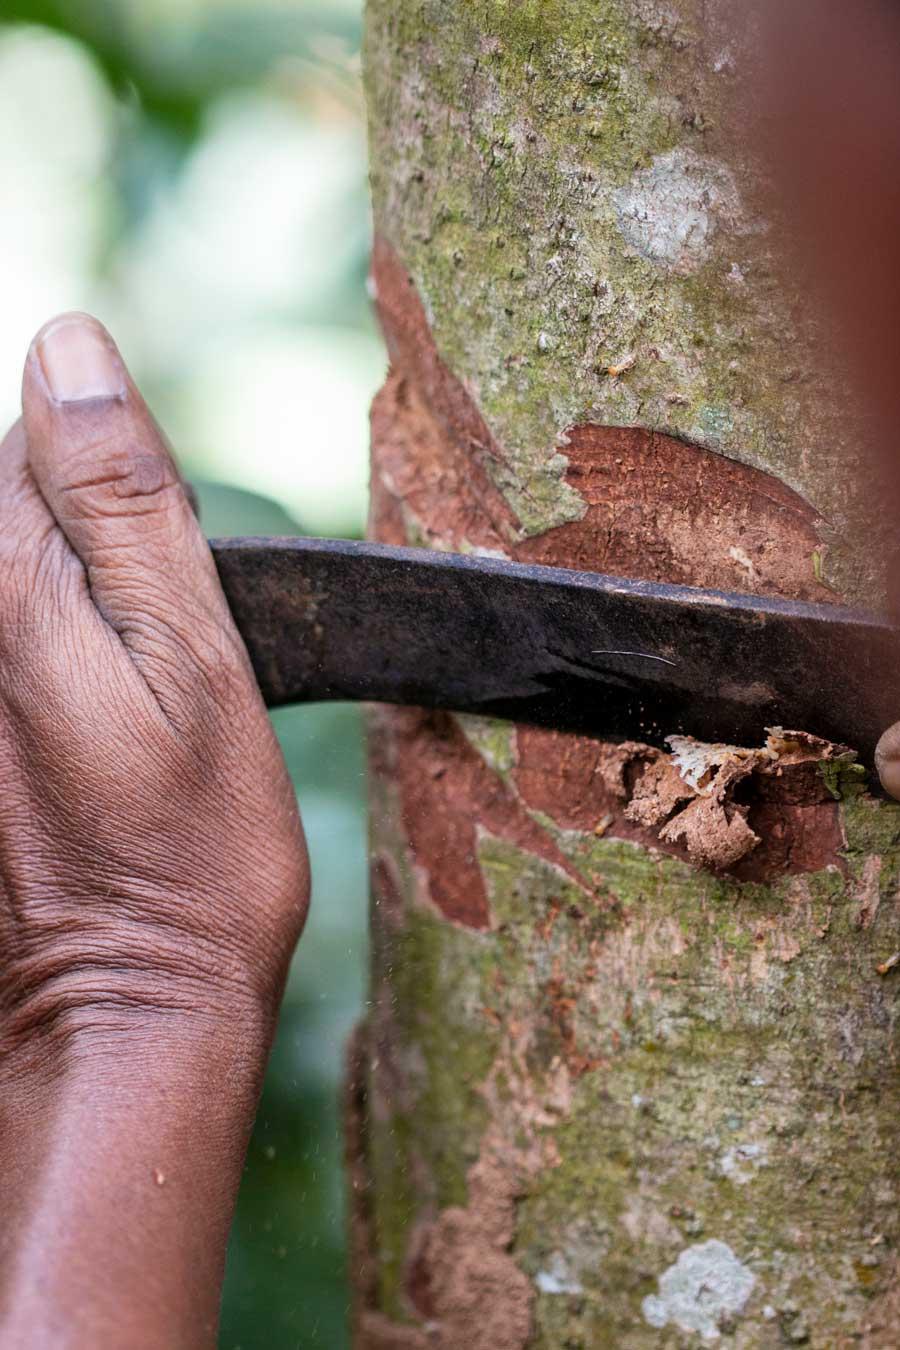 Producteur en train de gratter le tronc d'un cannelier avec une machette afin de récupérer son écorce